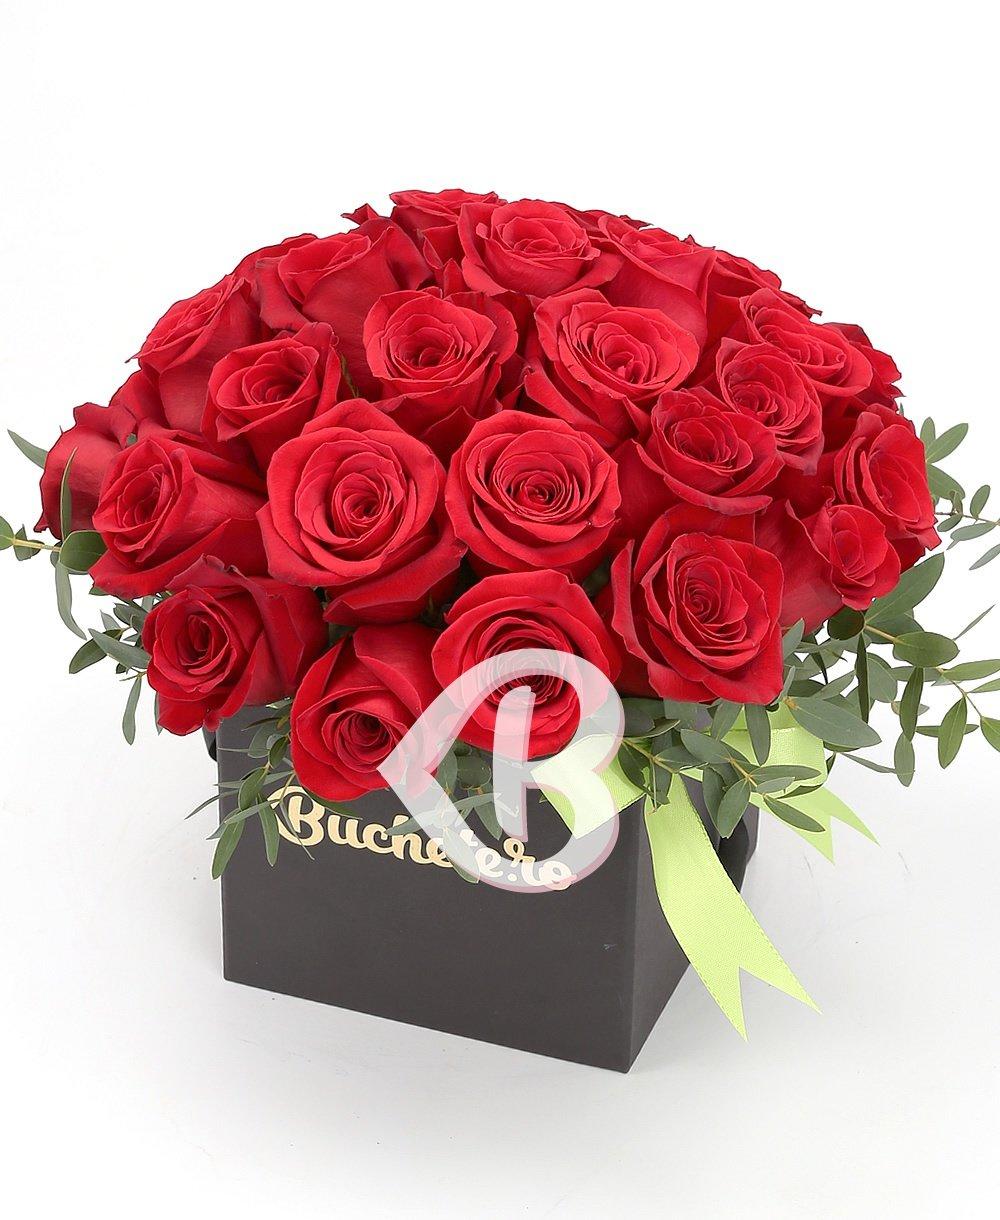 Imaginea produsului 31 trandafiri roșii în cutie